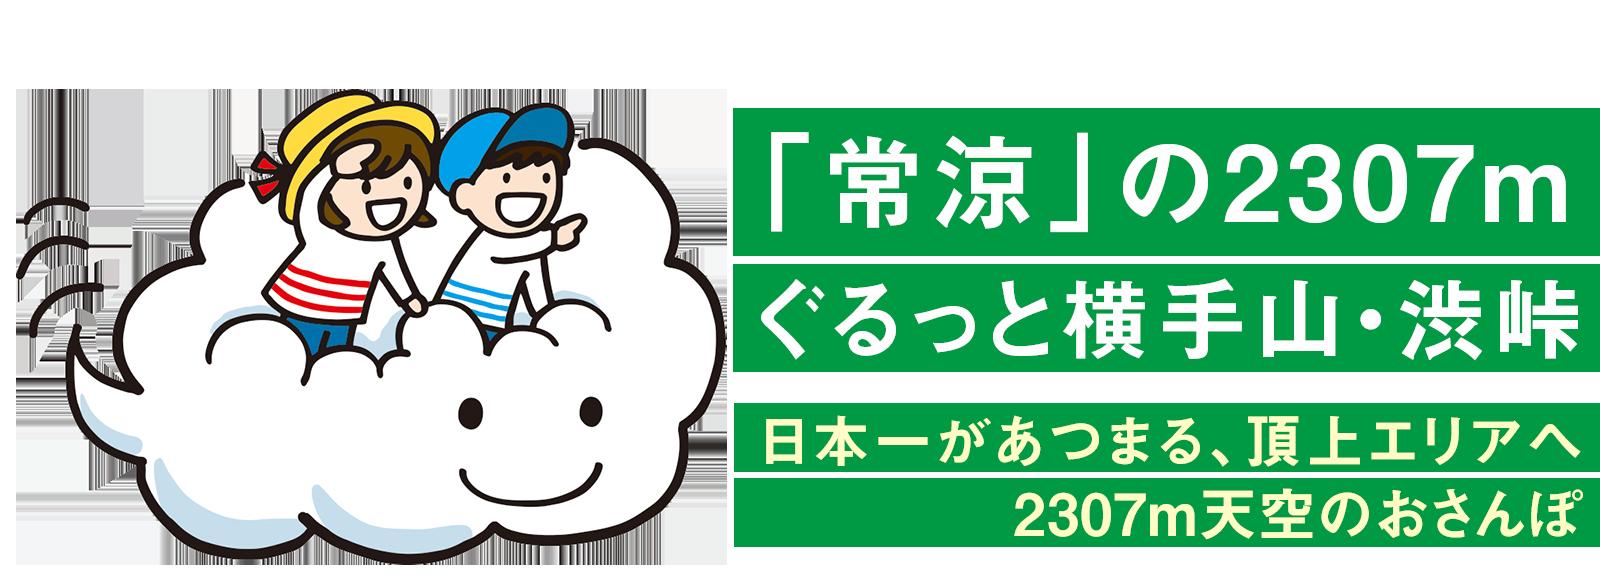 「常涼」の2307m ぐるっと横手山・渋峠 日本一があつまる、頂上エリアへ 2307m天空のおさんぽ